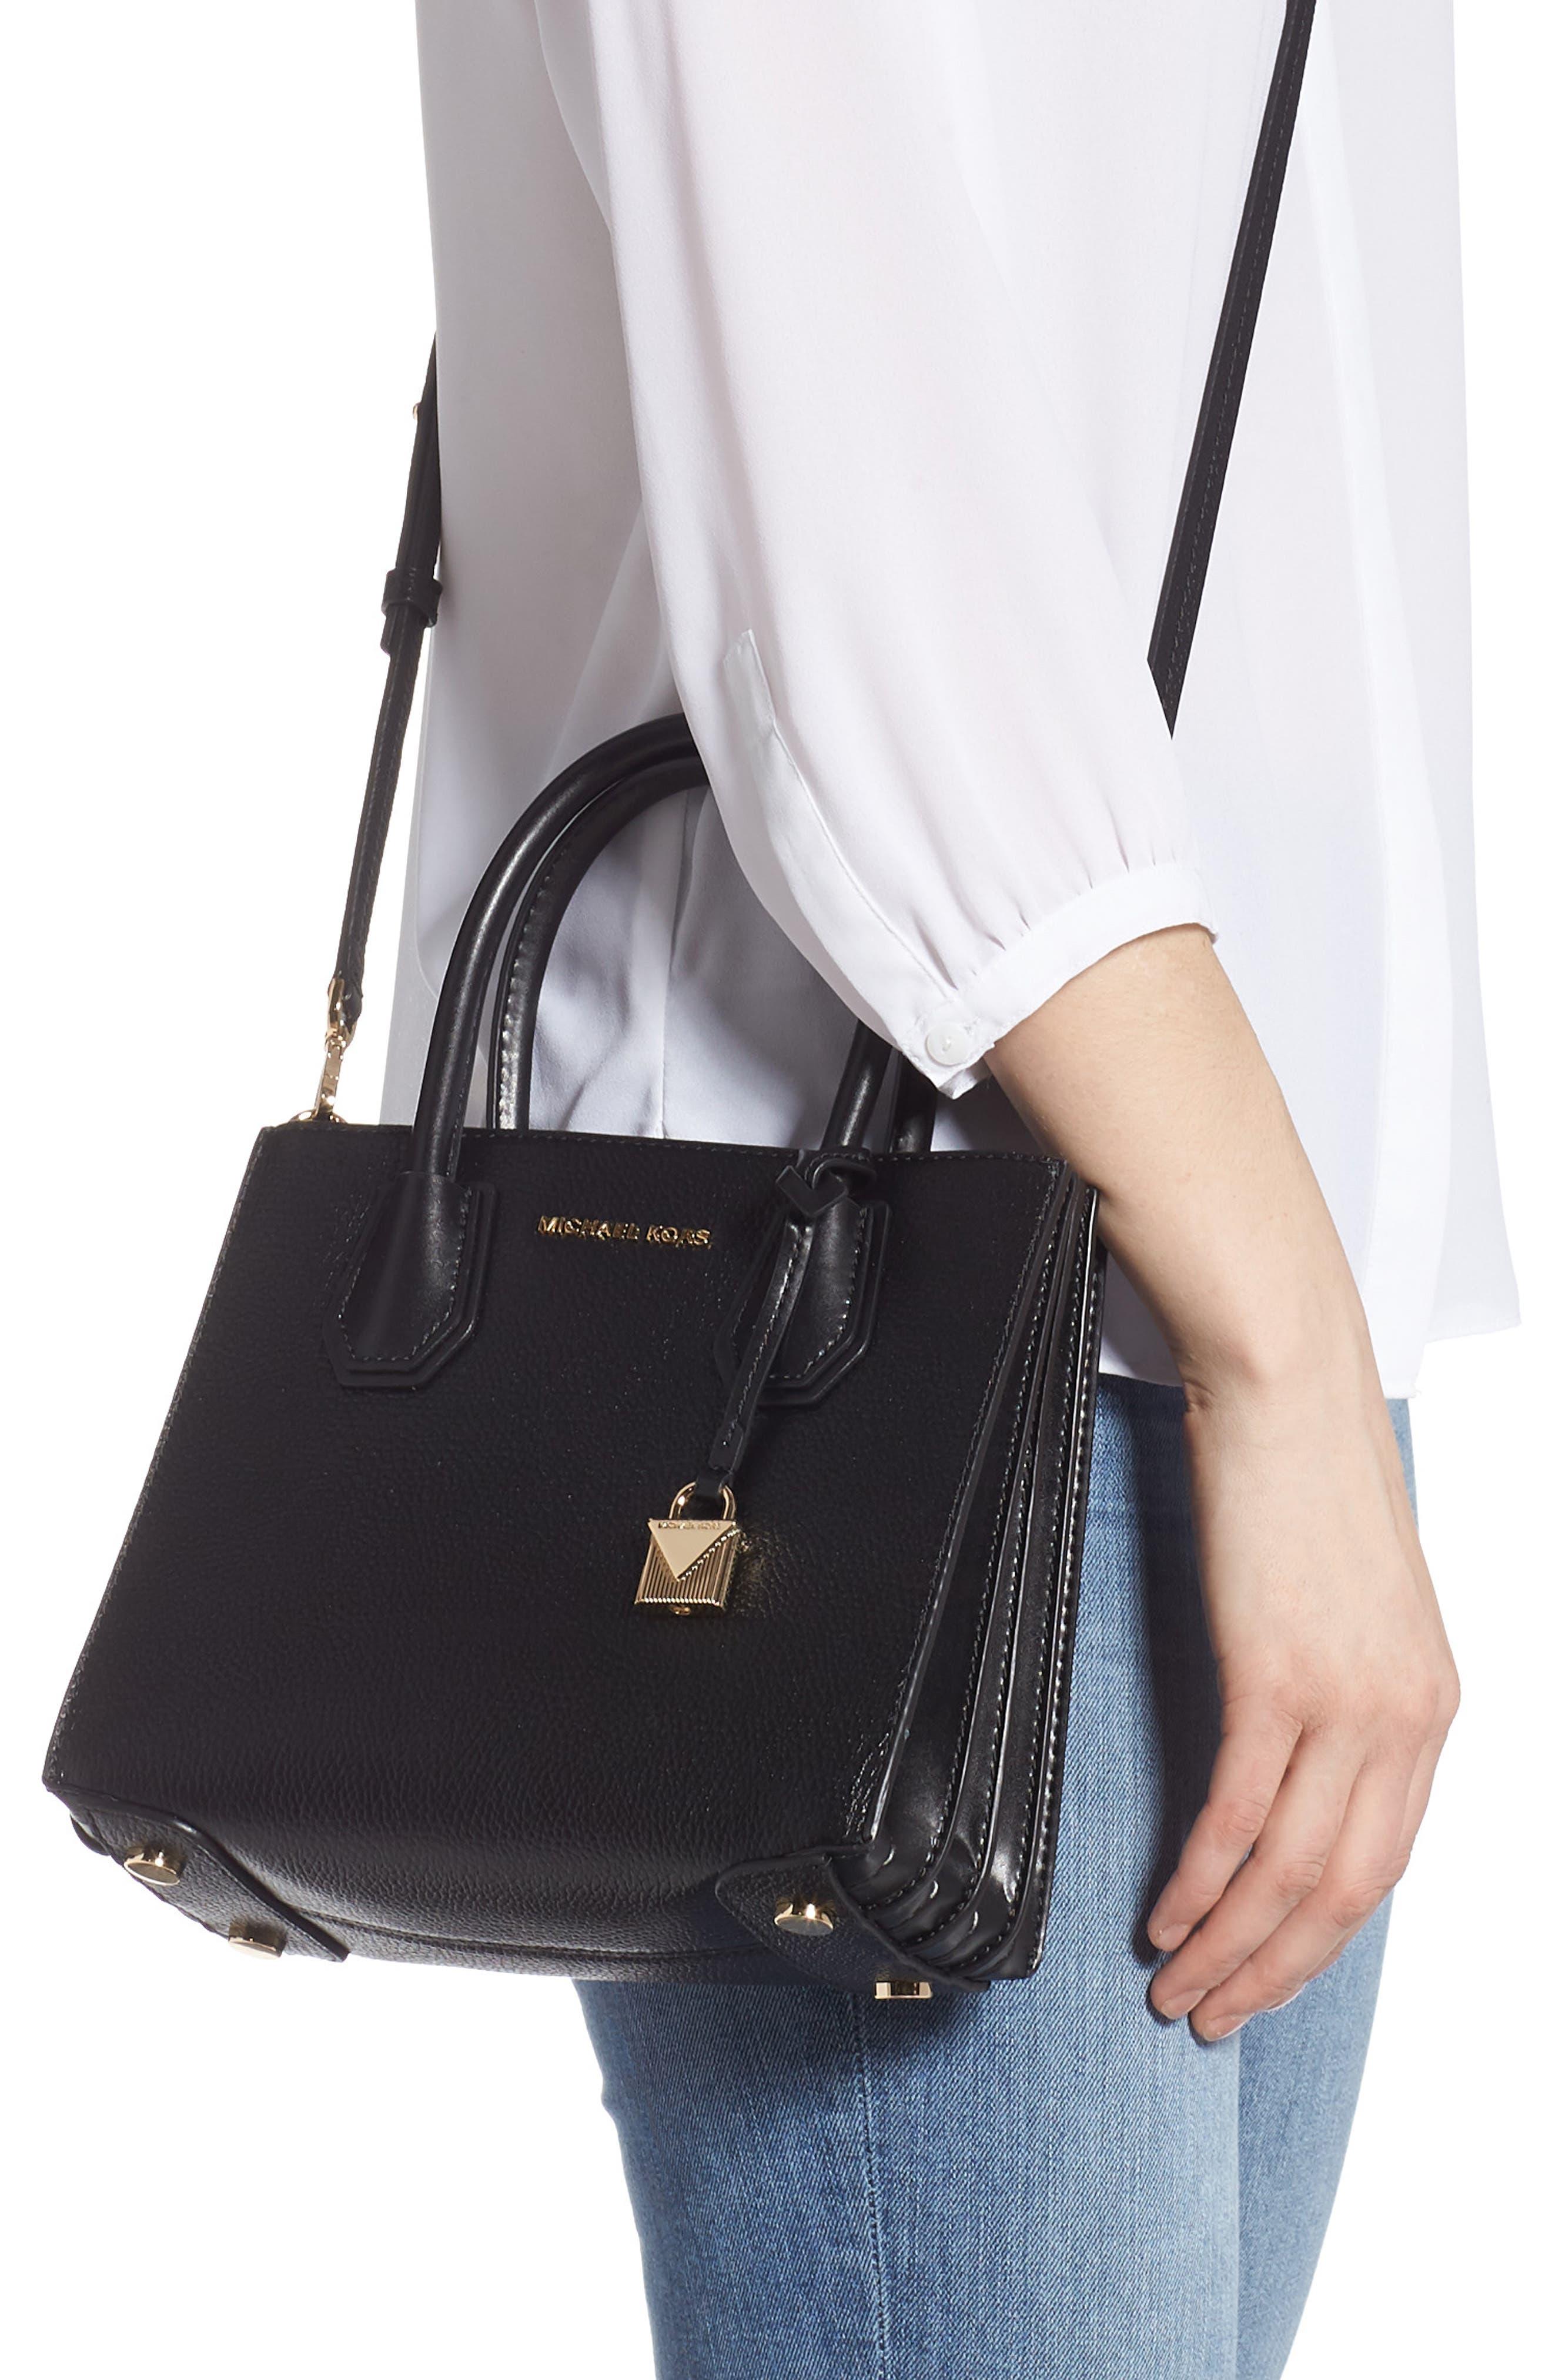 a4644bf6d86 michael kors handbags | Nordstrom